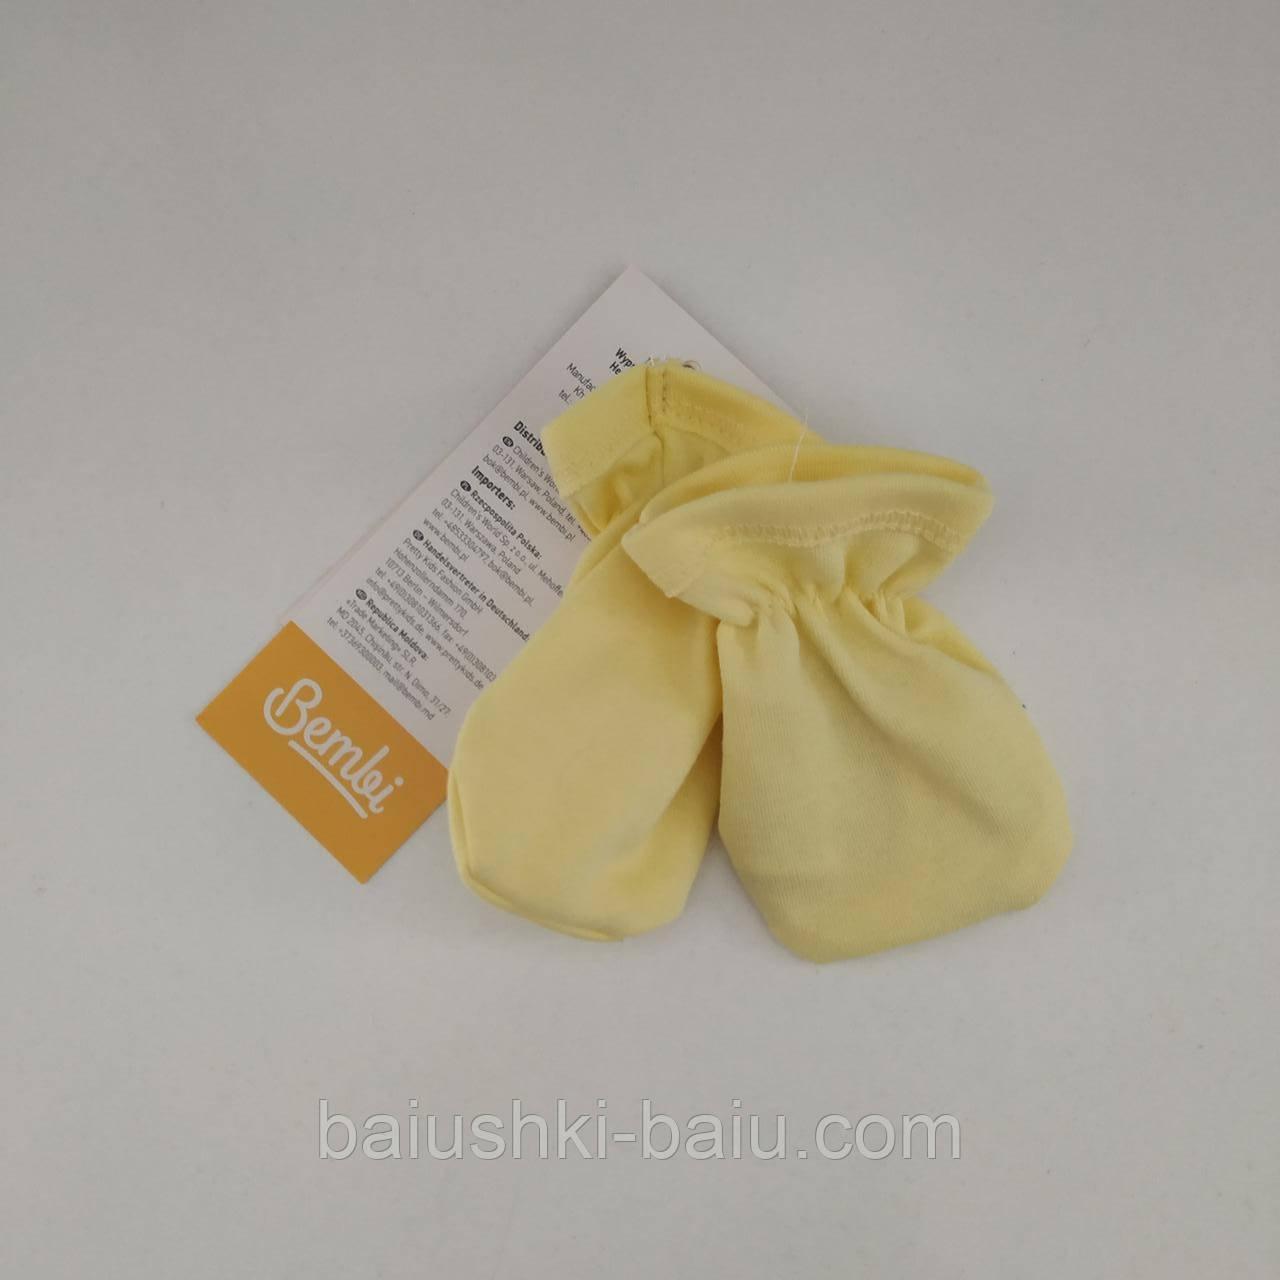 Рукавички царапки для новорожденных, 0-3 мес.